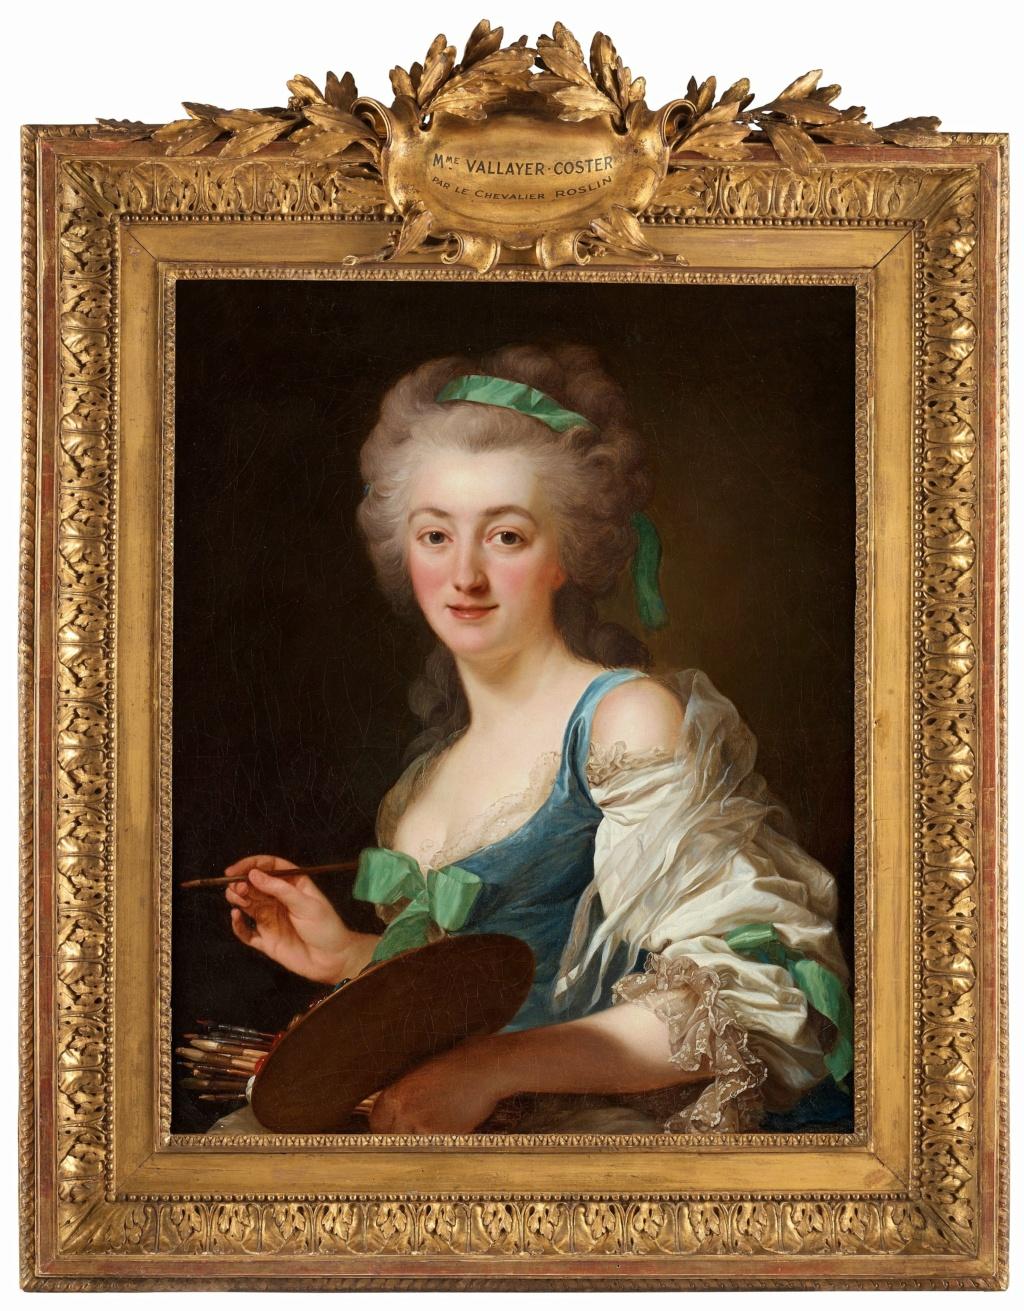 Anne Vallayer-Coster, chef du cabinet de peinture de Marie-Antoinette Vallay11